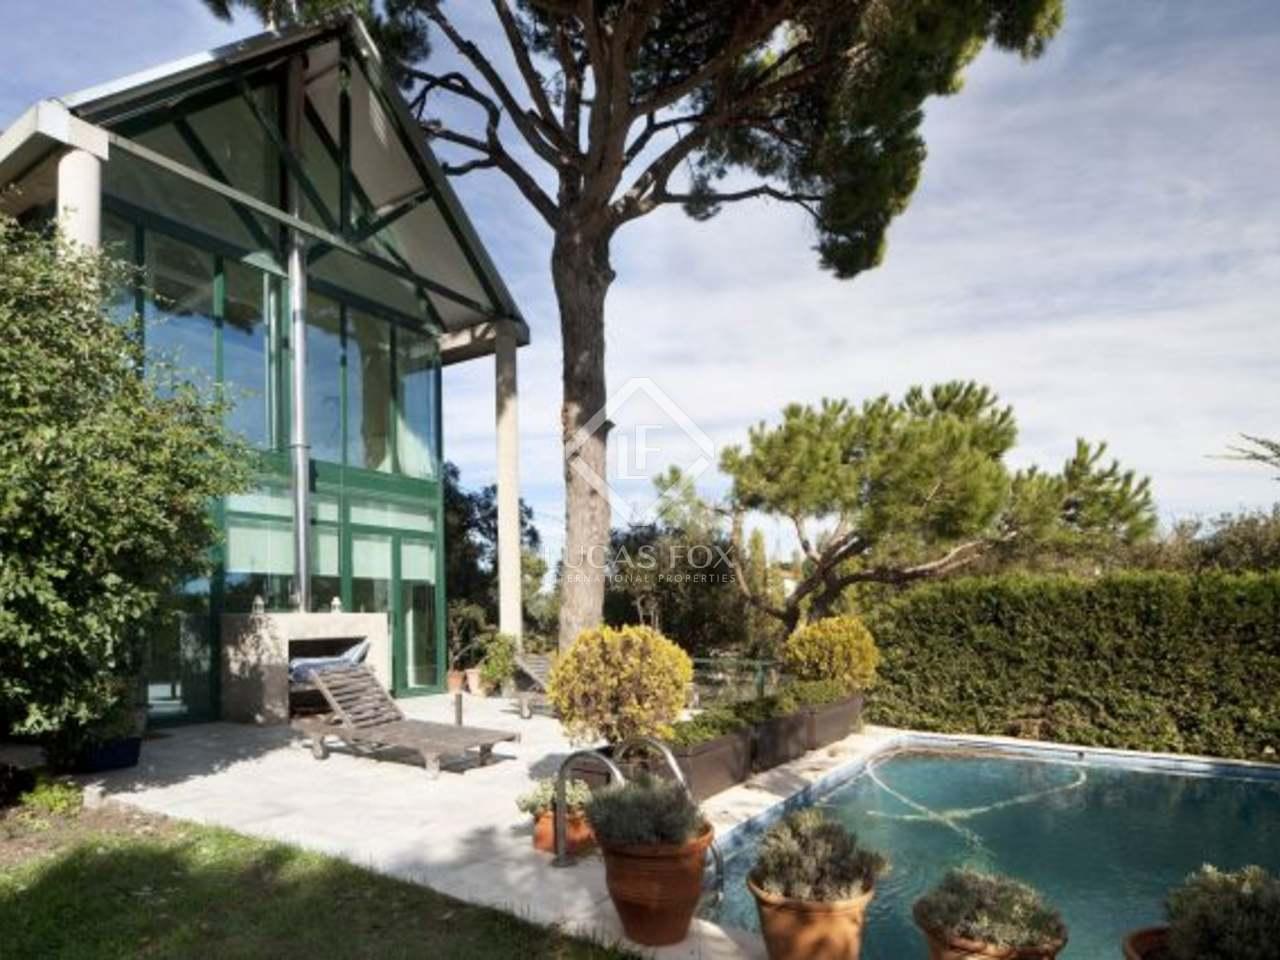 Casa con piscina y jard n en venta fant sticas vista a for Casas con piscina baratas barcelona